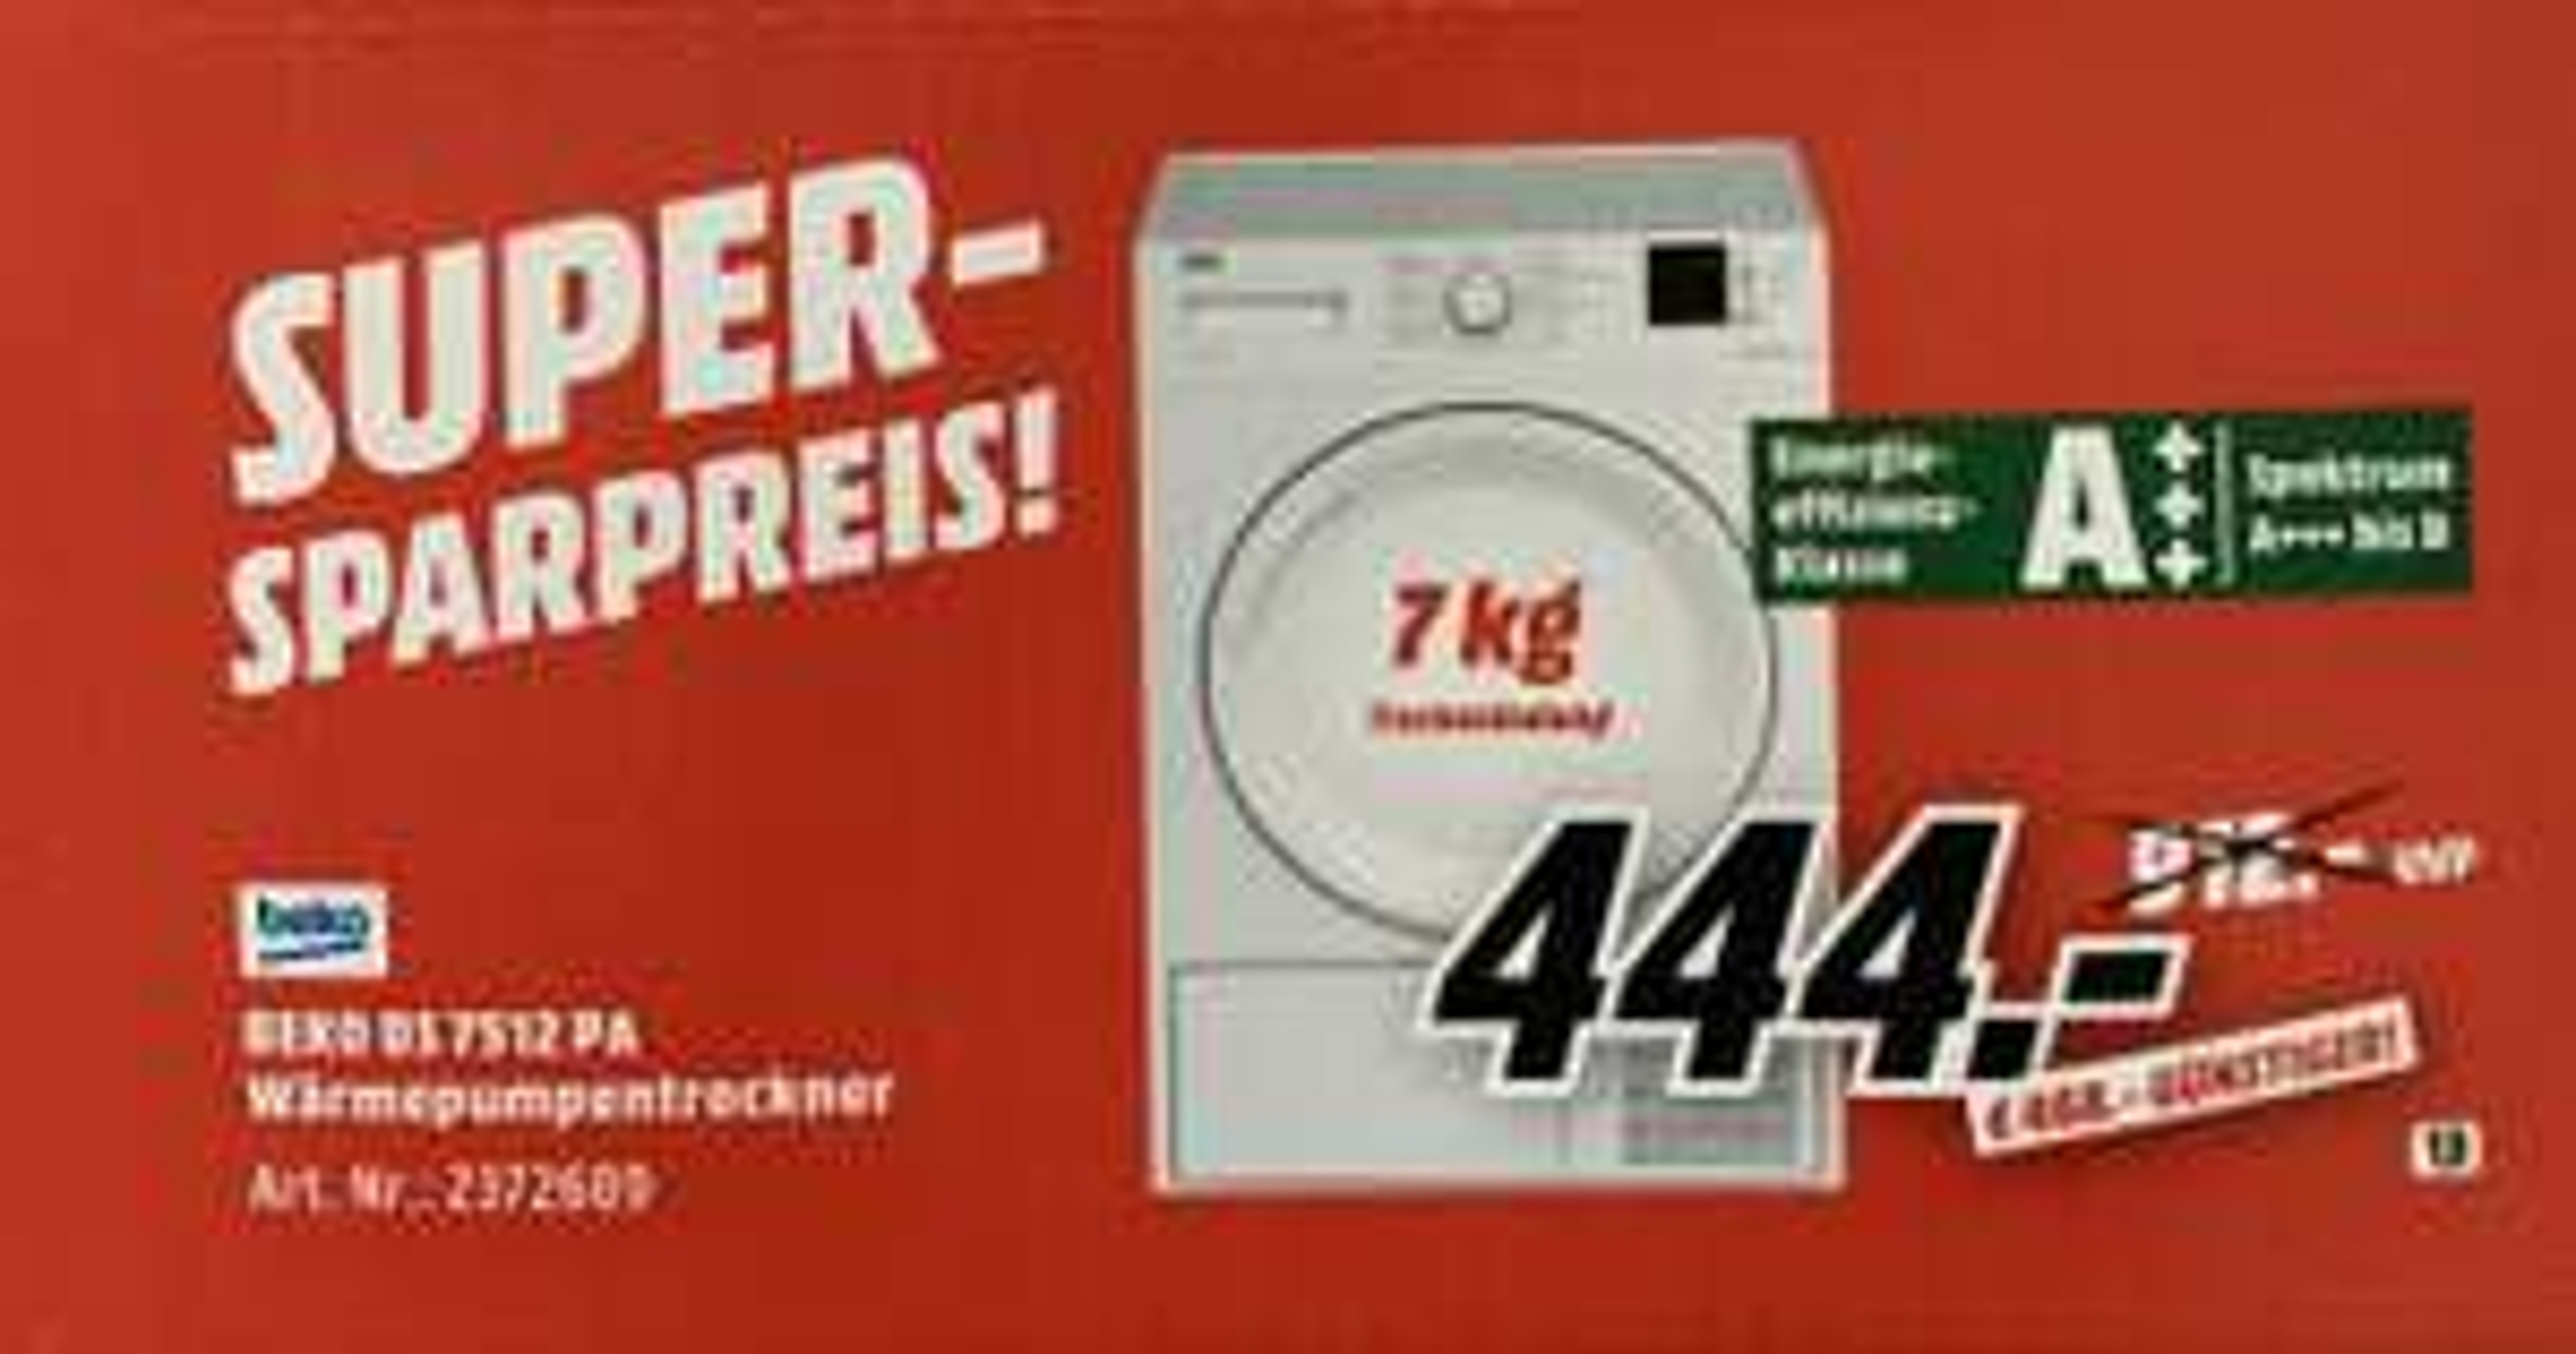 [Mediamarkt] BEKO DS 7512 PA A+++ Wärmepumpentrockner für 444,- ab dem 1.1.19